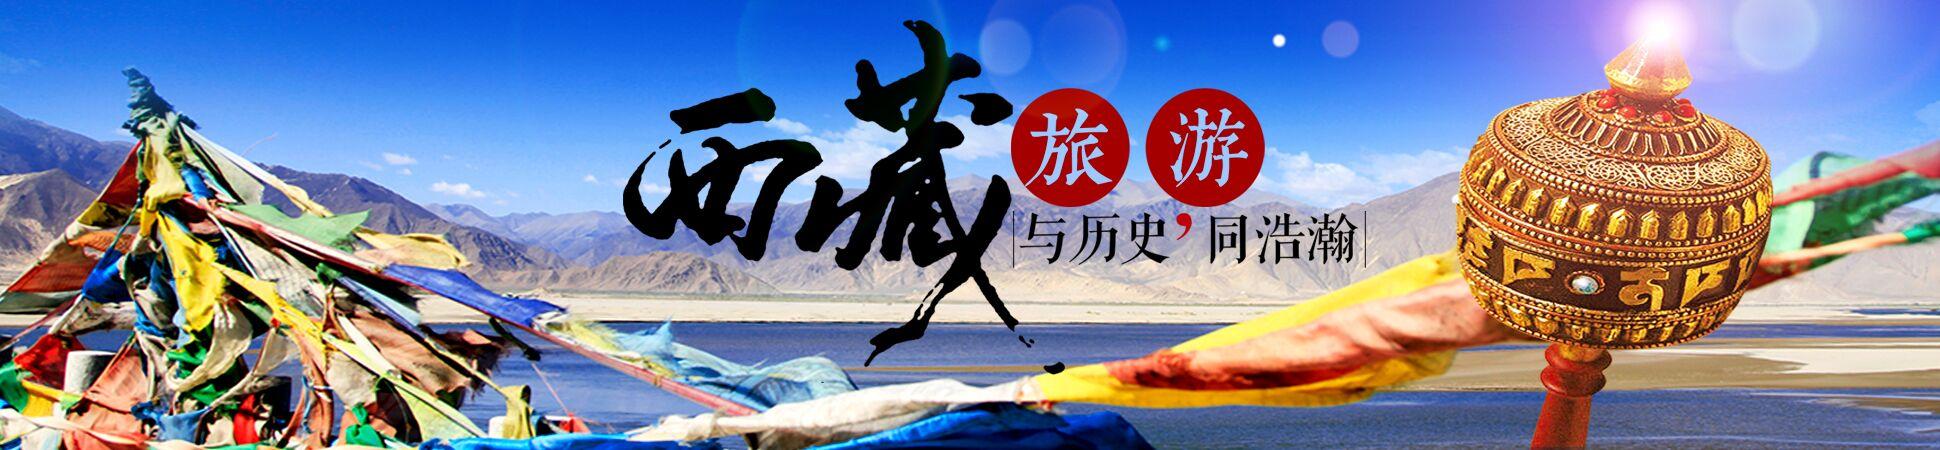 西藏必威登录页面